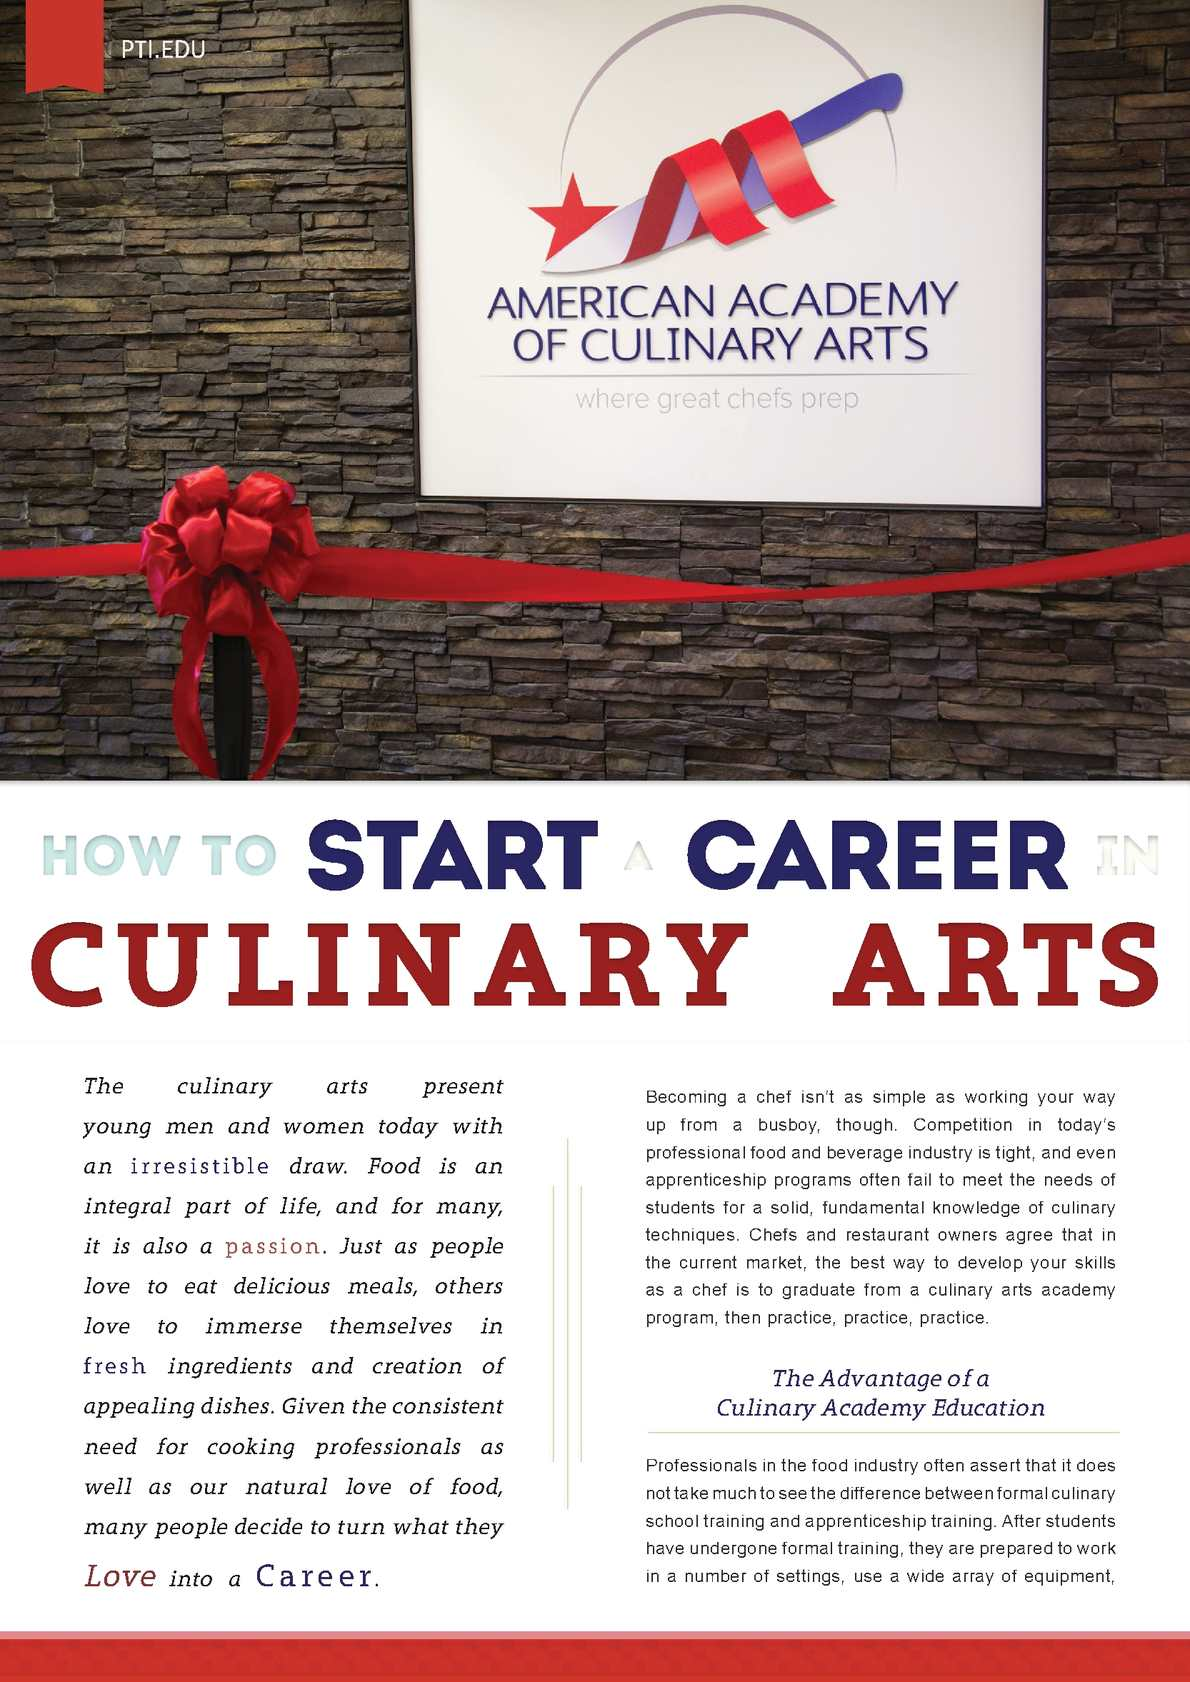 career development as a chef essay